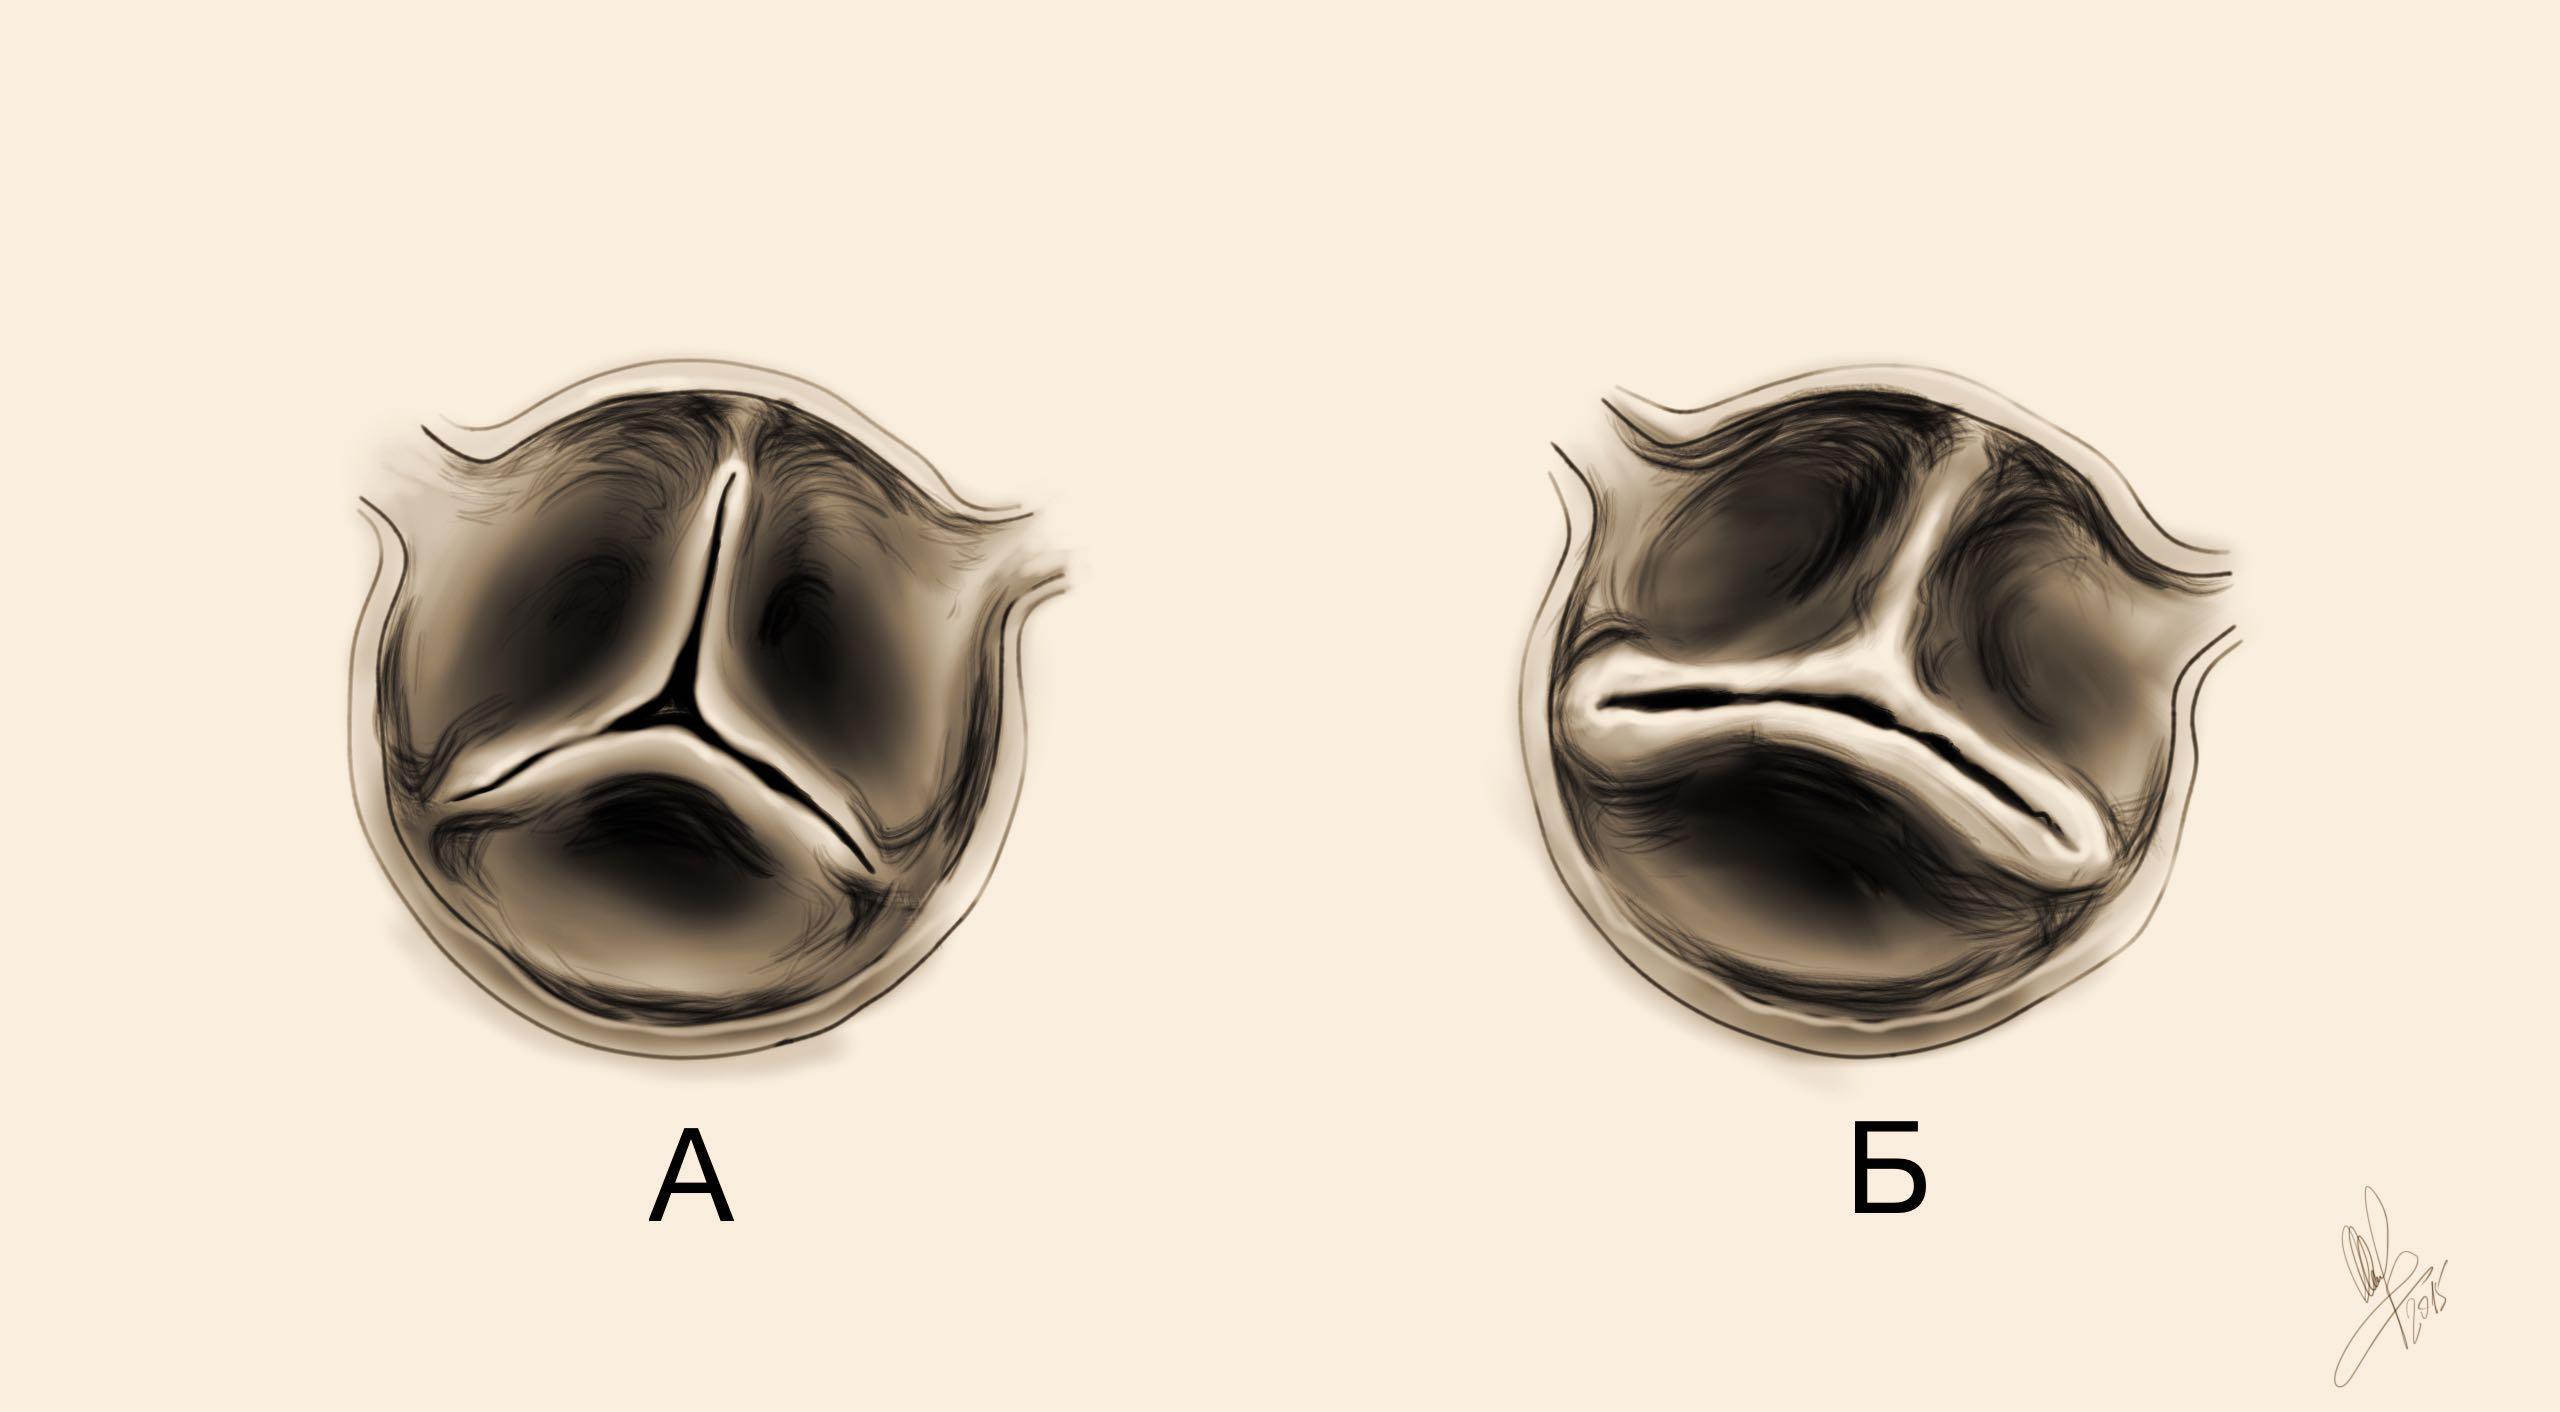 Аортальный тон изгнания и двустворчатый аортальный клапан | Стетоскоп